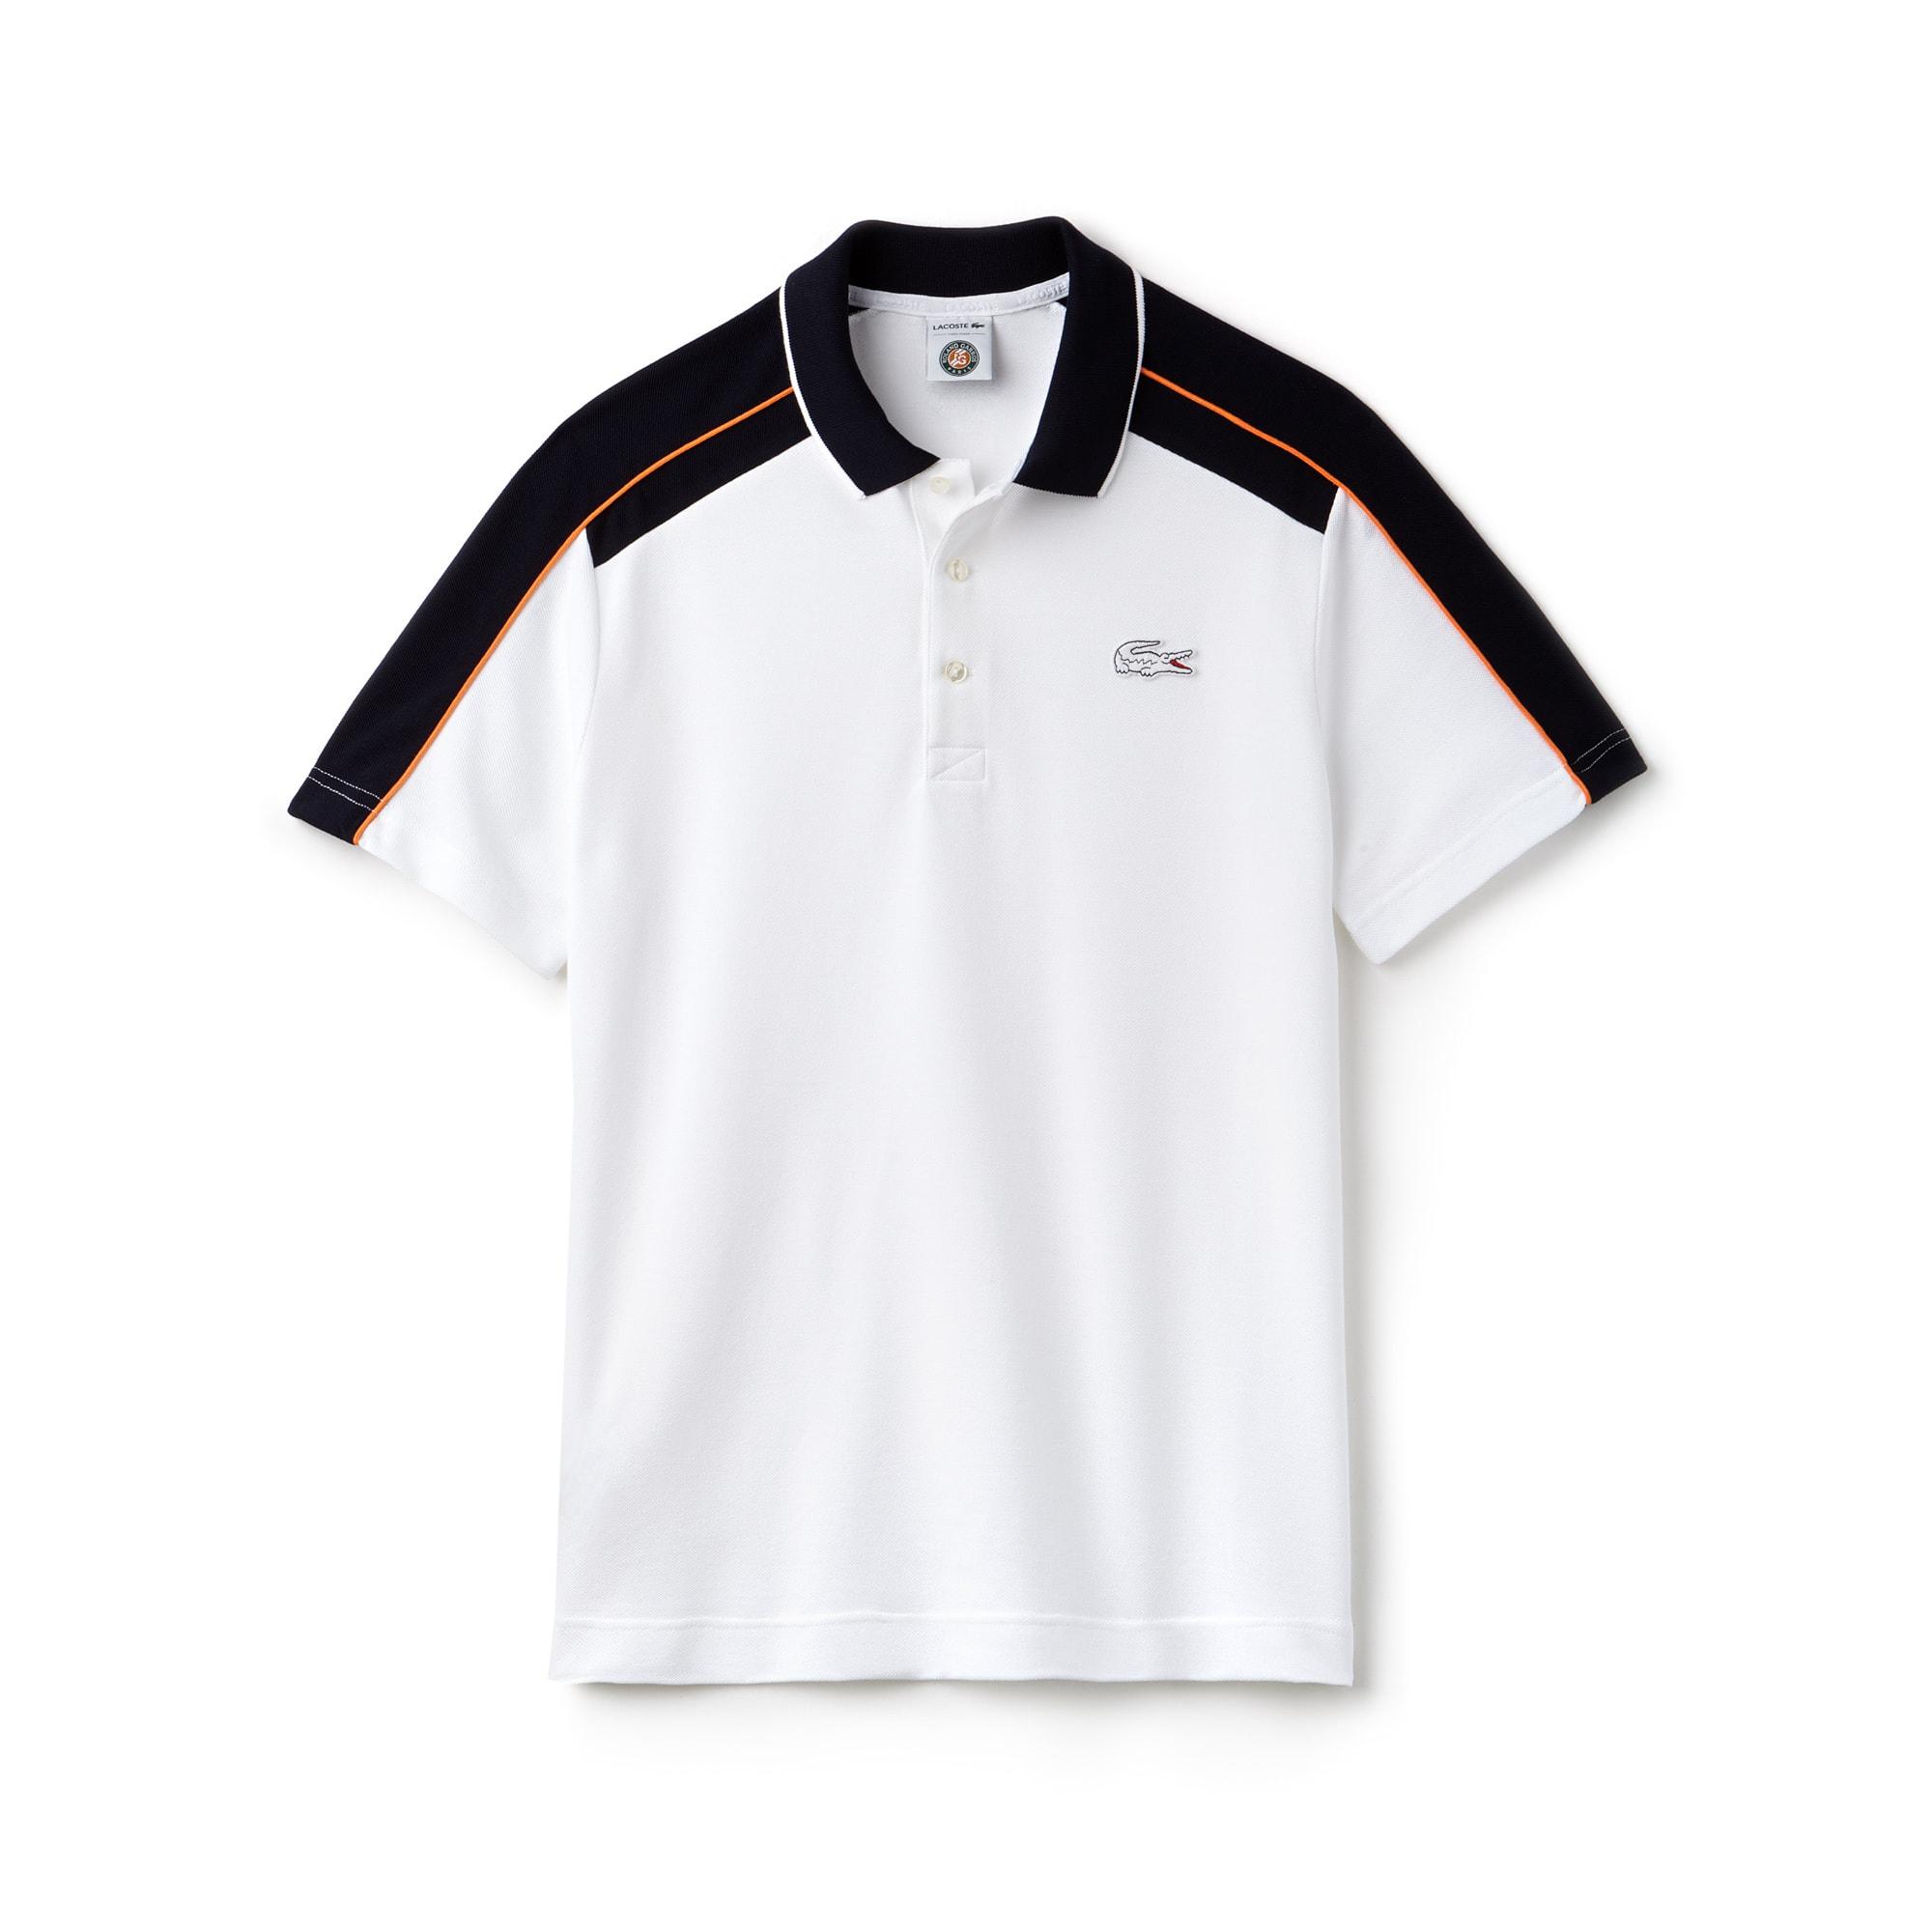 633be5288 Men's Lacoste SPORT Roland Garros Edition Petit Piqué Polo Shirt. £95.00  95.00 GBP. Colour : WHITE/NAVY BLUE-APRICOT